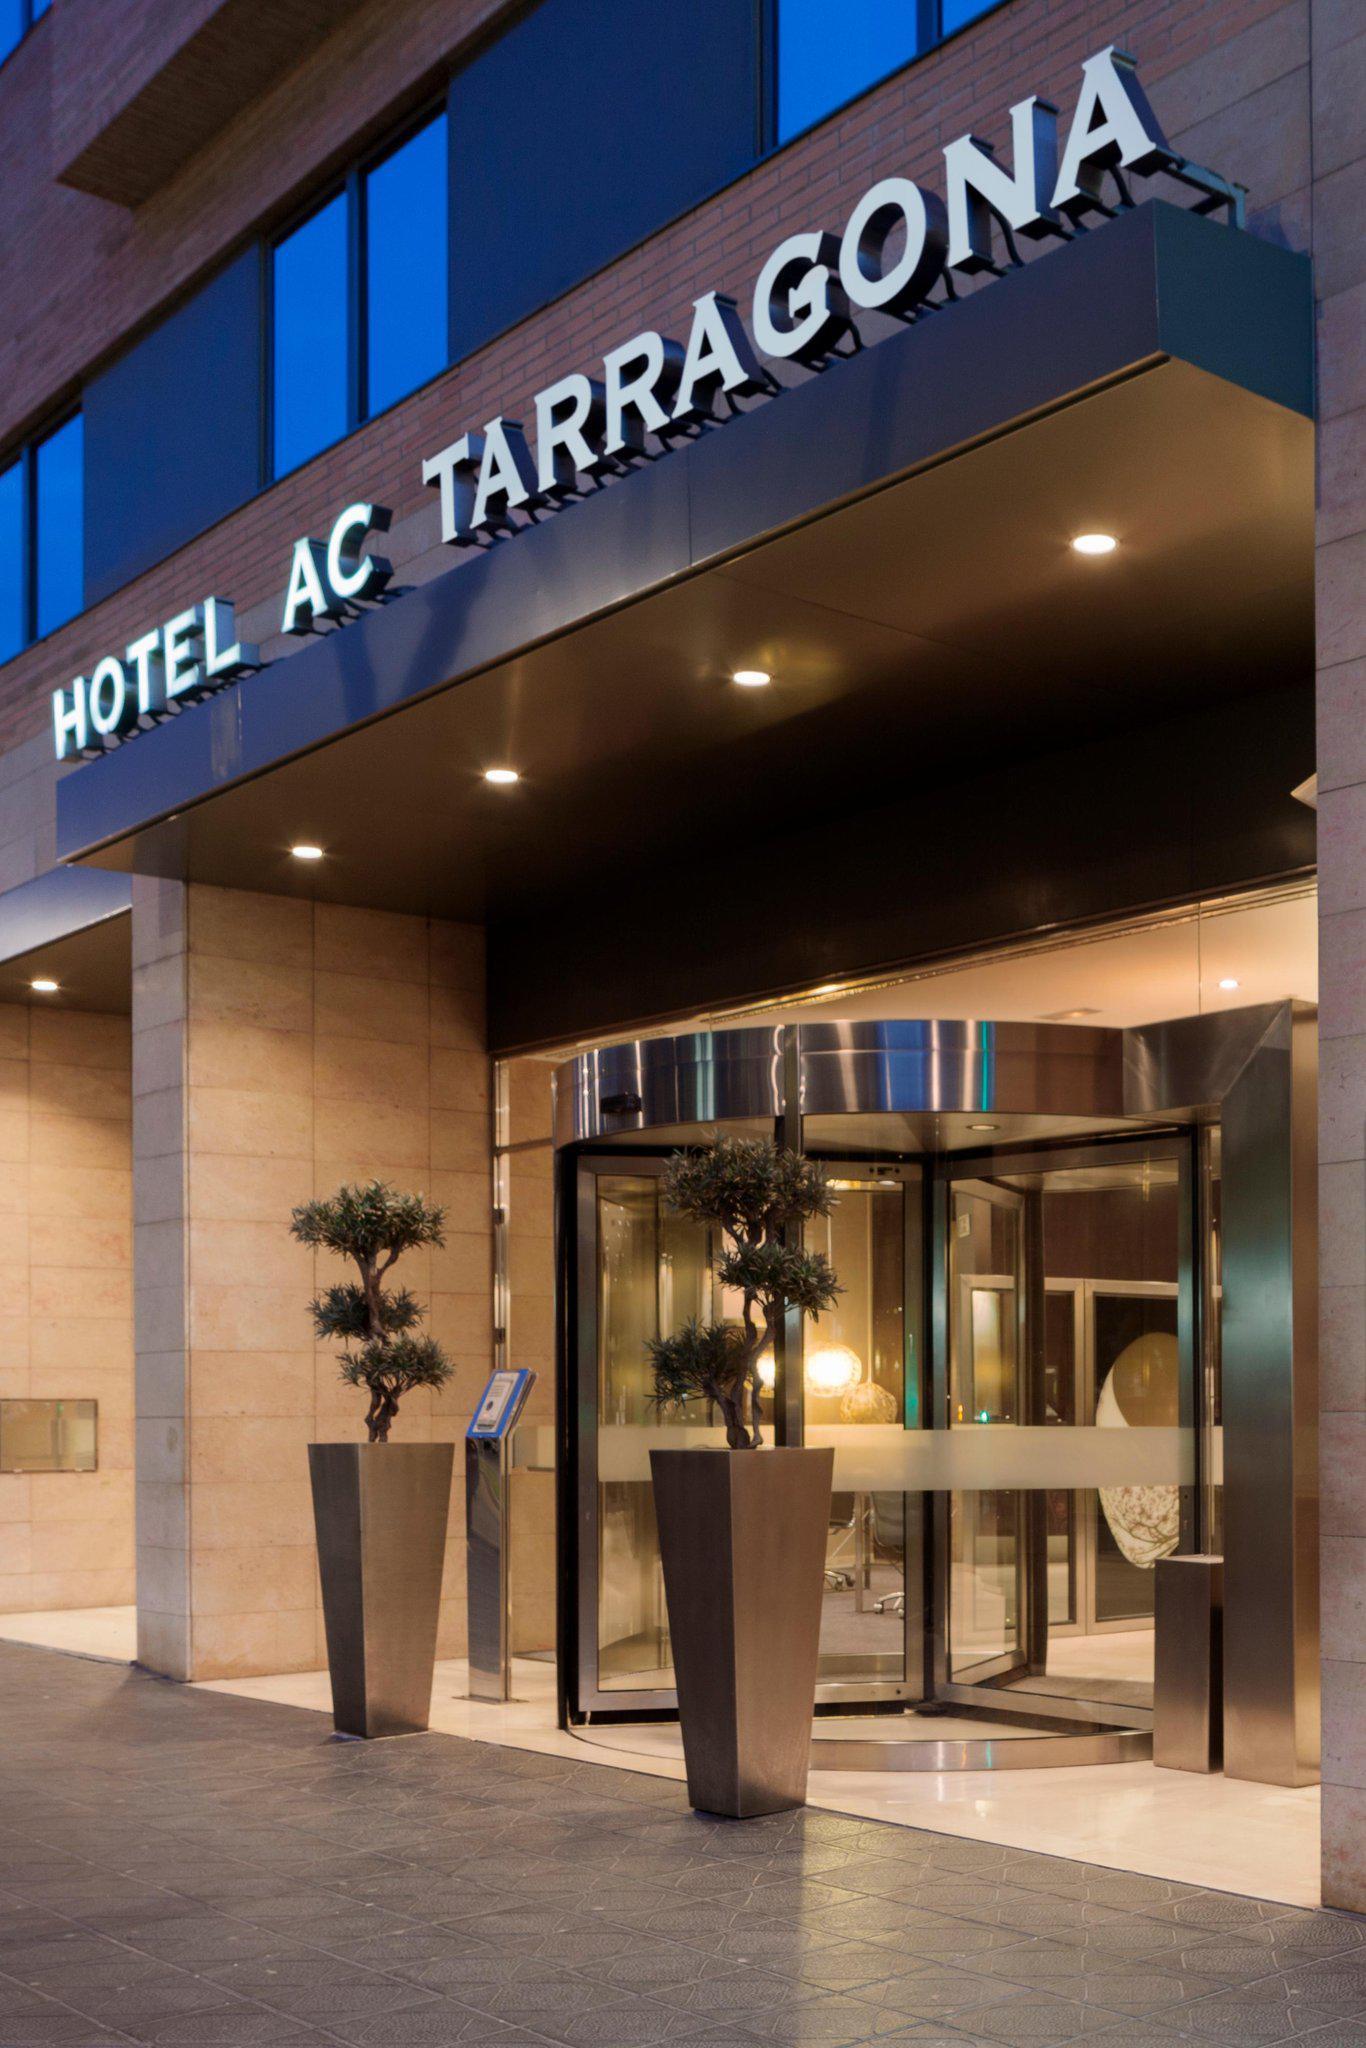 AC Hotel by Marriott Tarragona